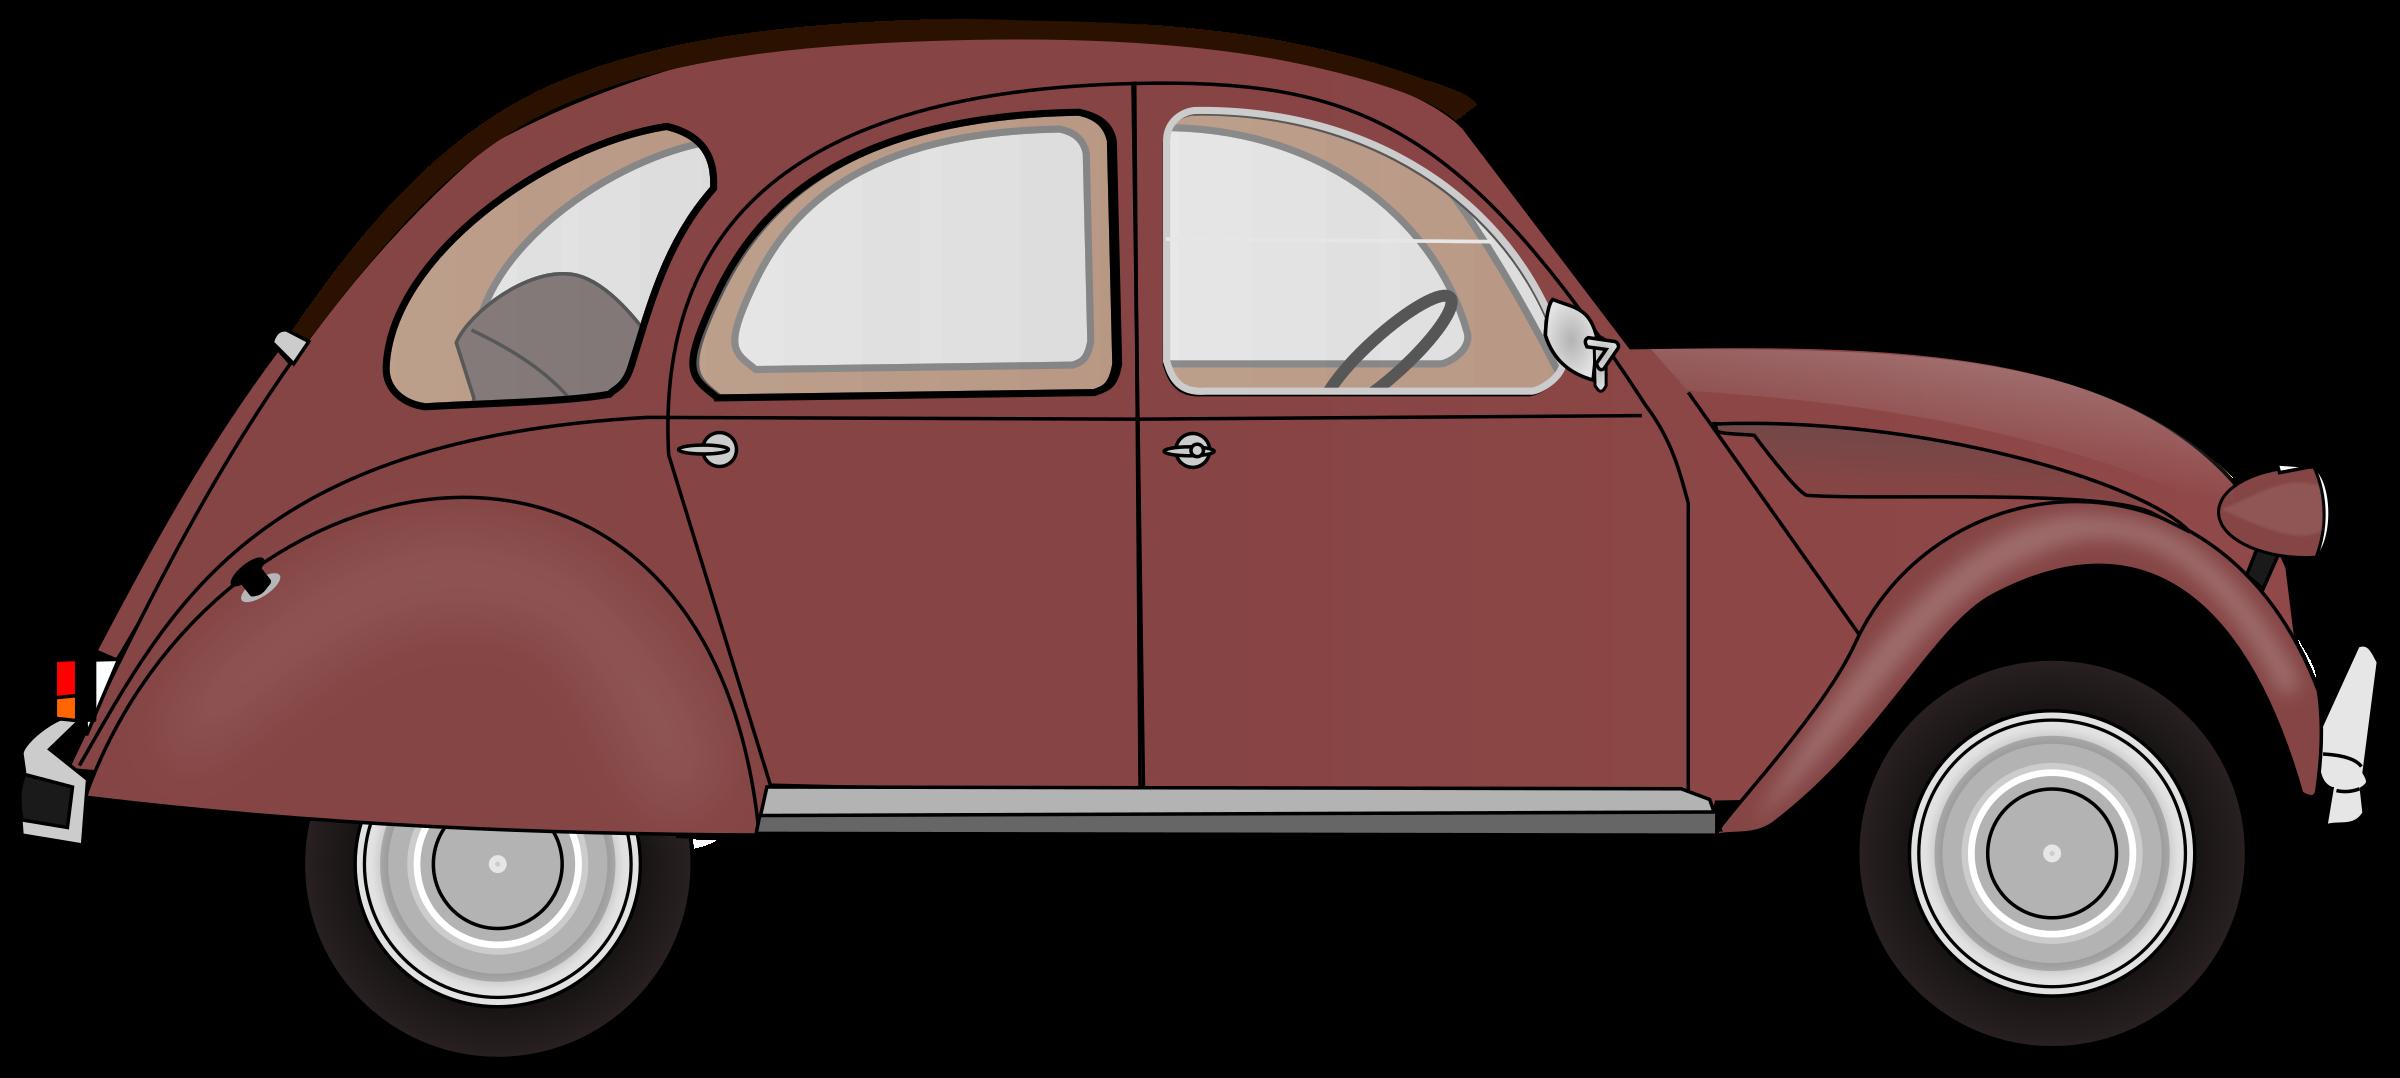 Clipart cars colour. Cv big image png